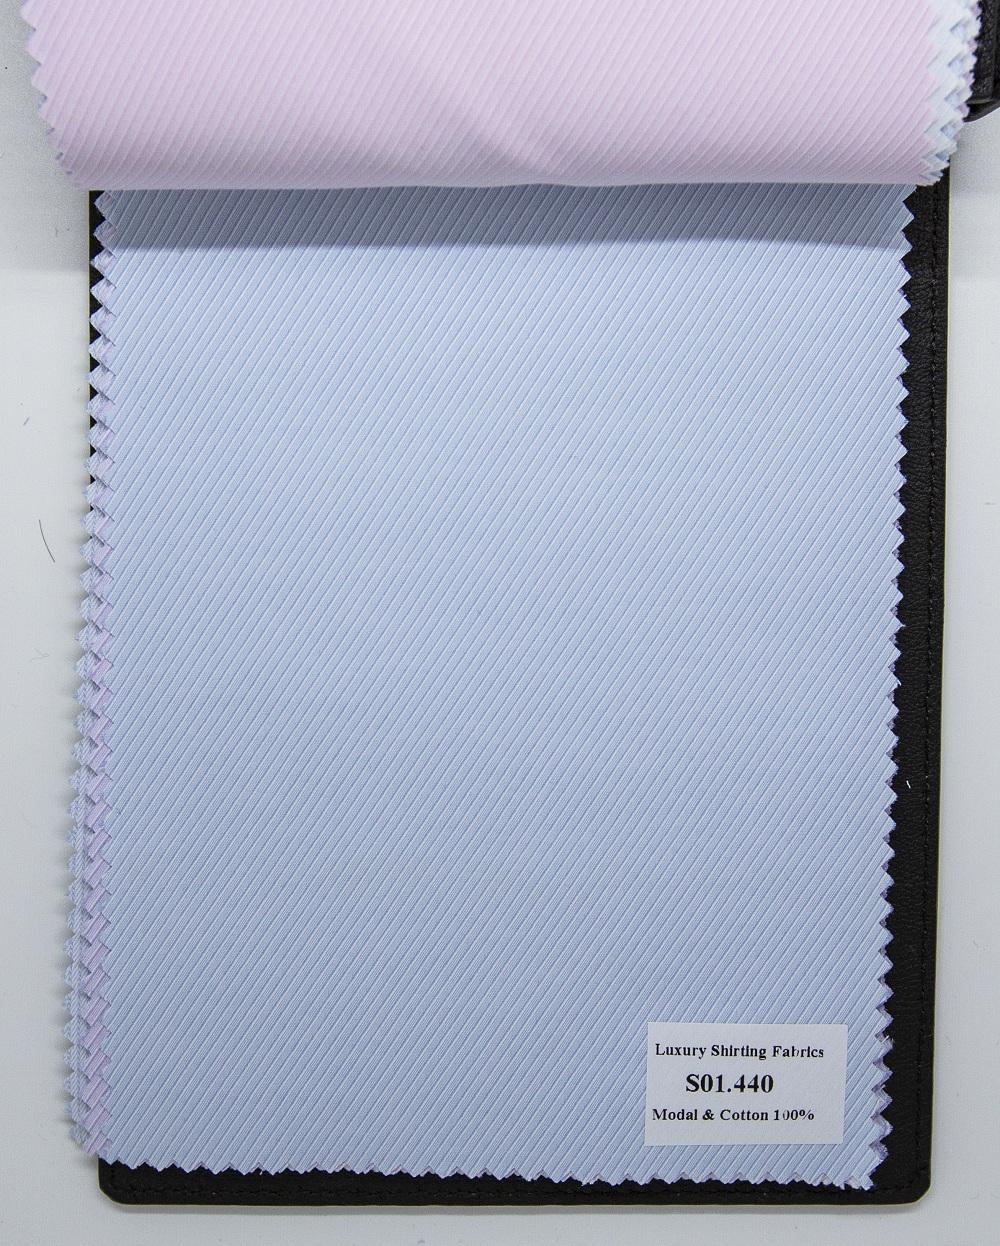 Mẫu vải may áo sơ mi xanh biển nhạt sọc xéo đẹp S01.440